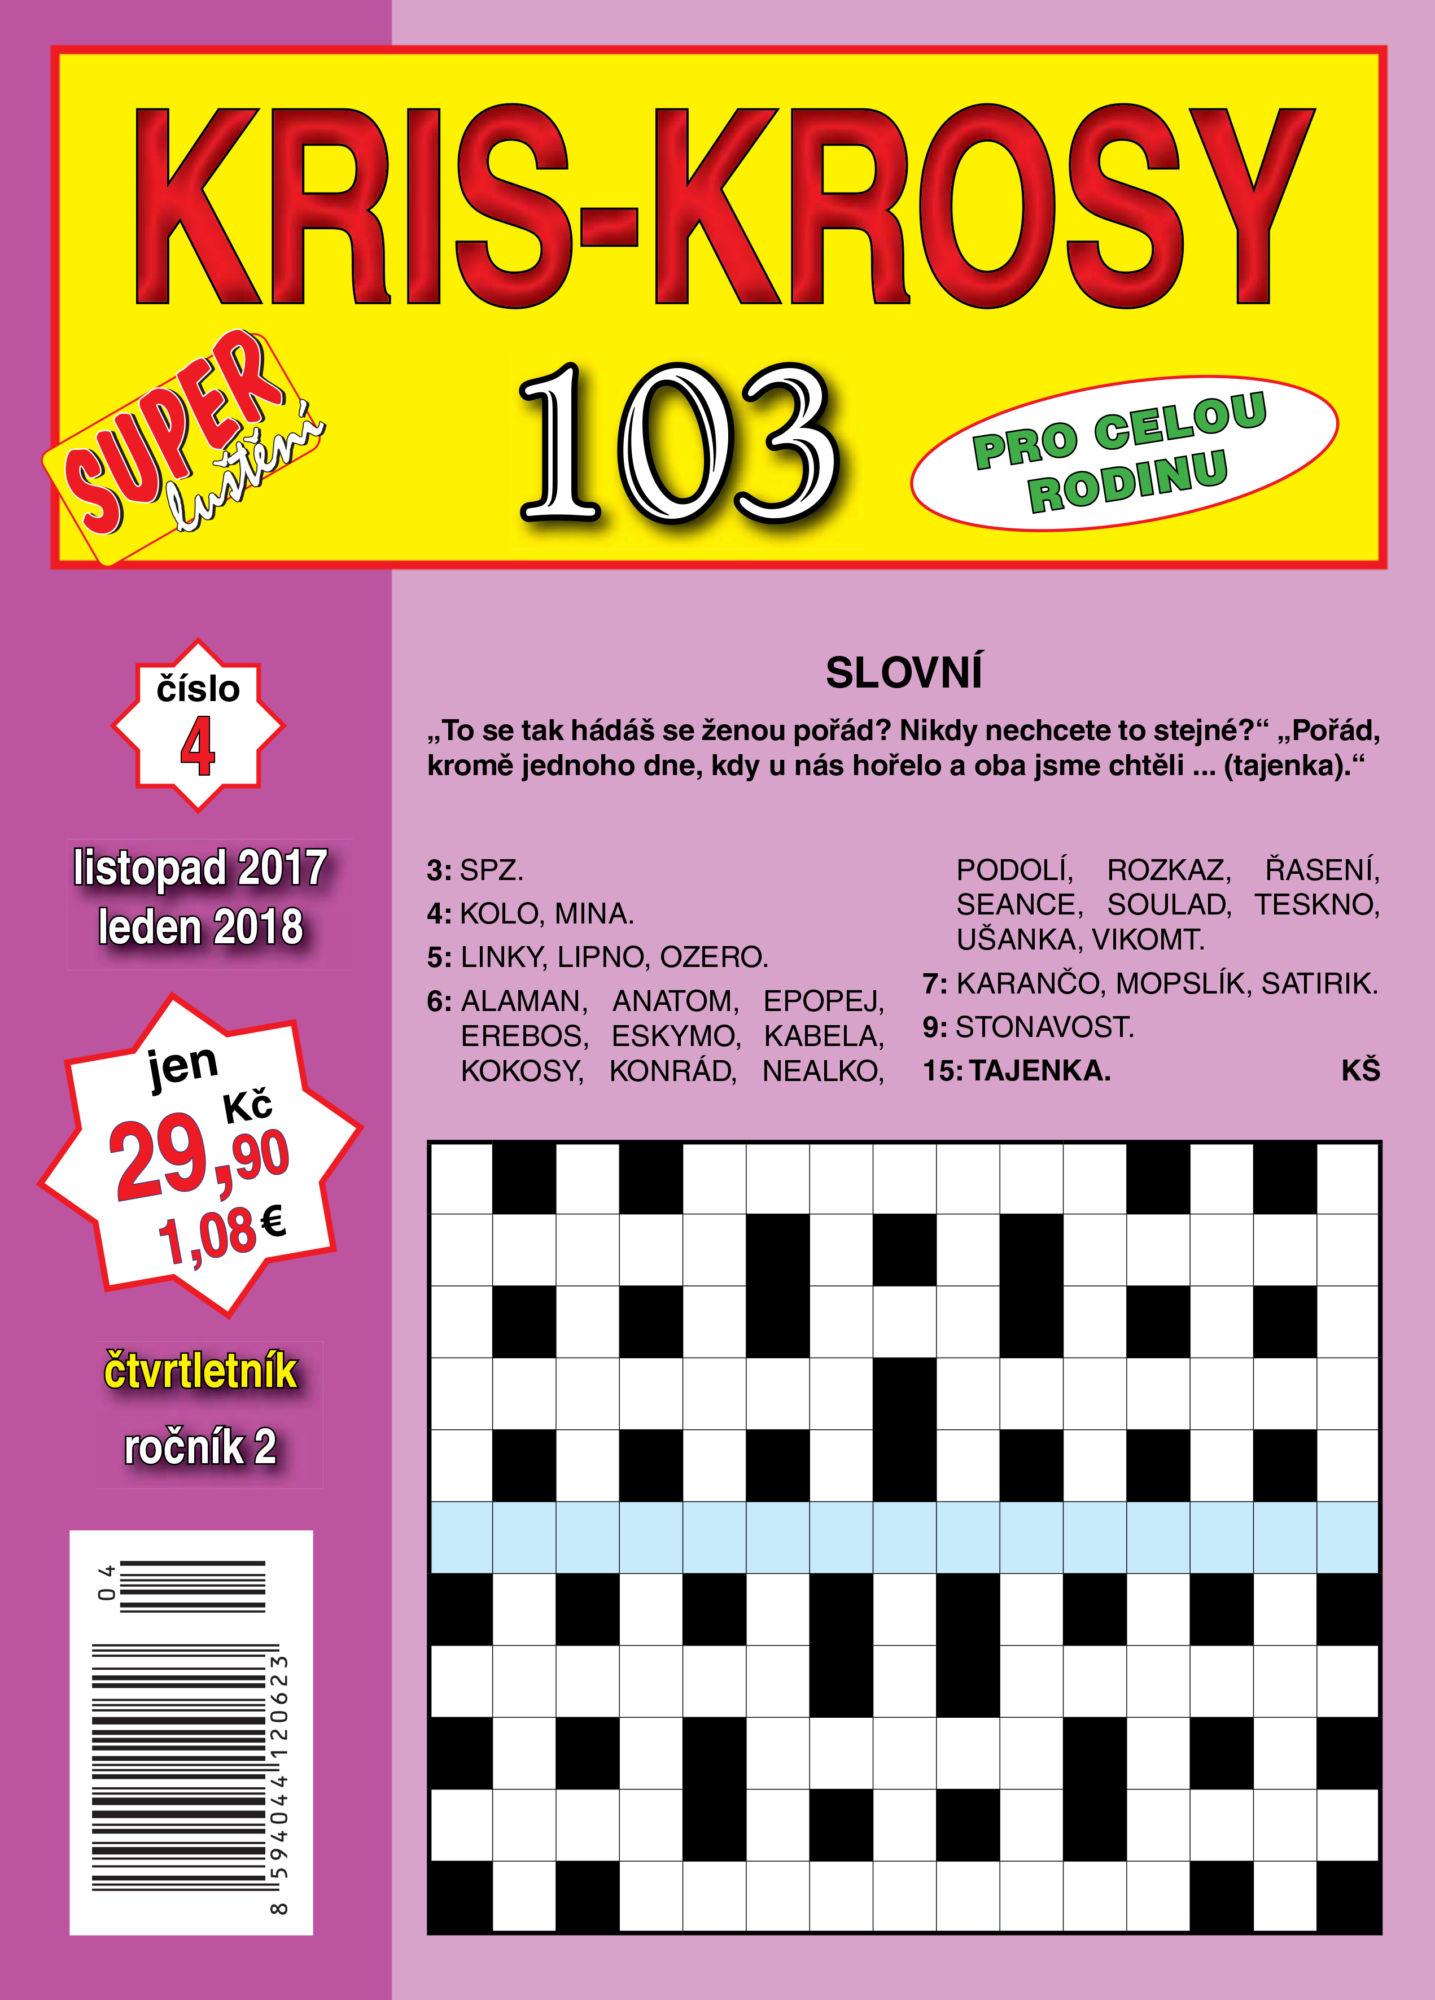 103 Kris krosy Super luštění Turpress